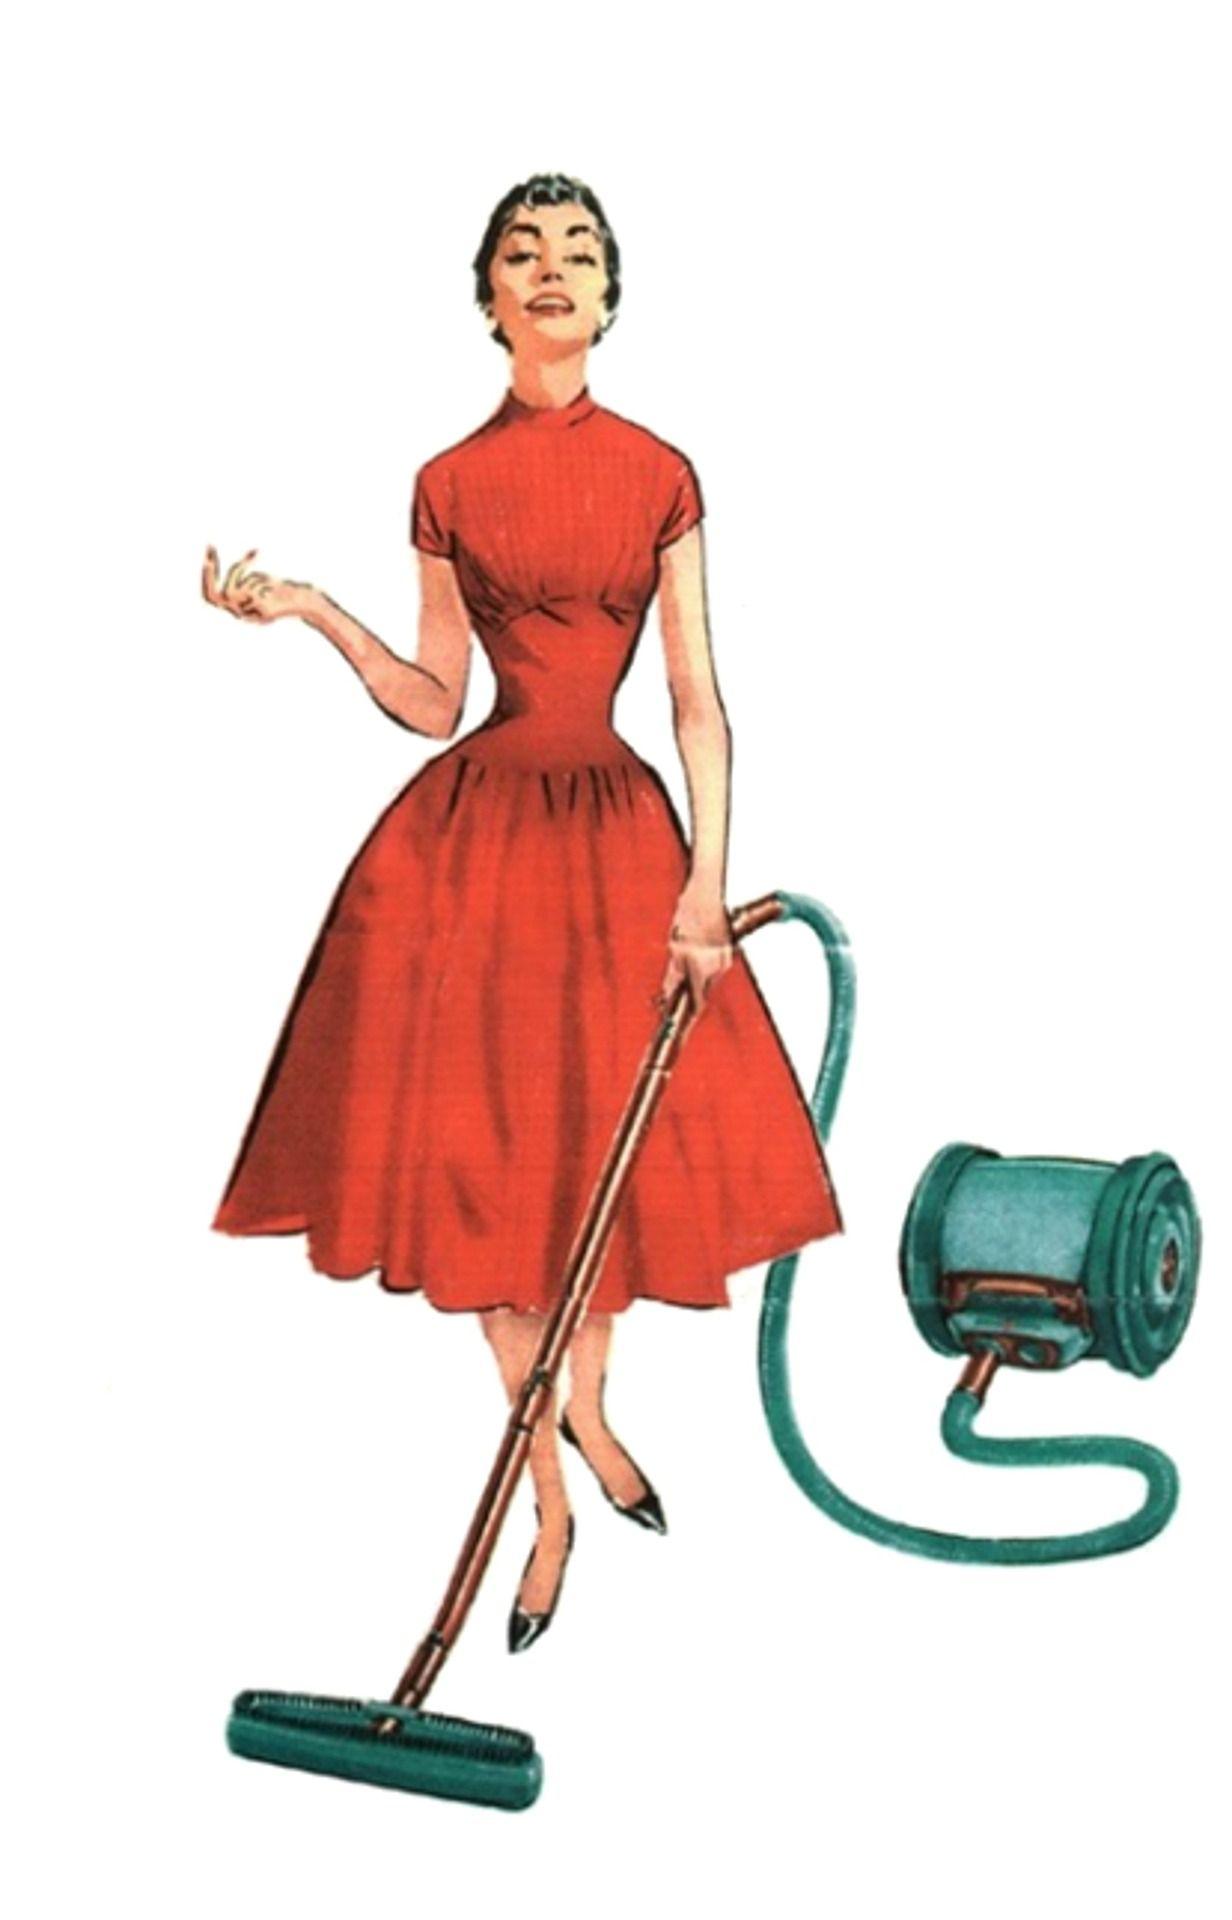 Žena se chce realizovat a nejen uklízet a pečovat, ale někdy ji tenhle rozpor trápí.